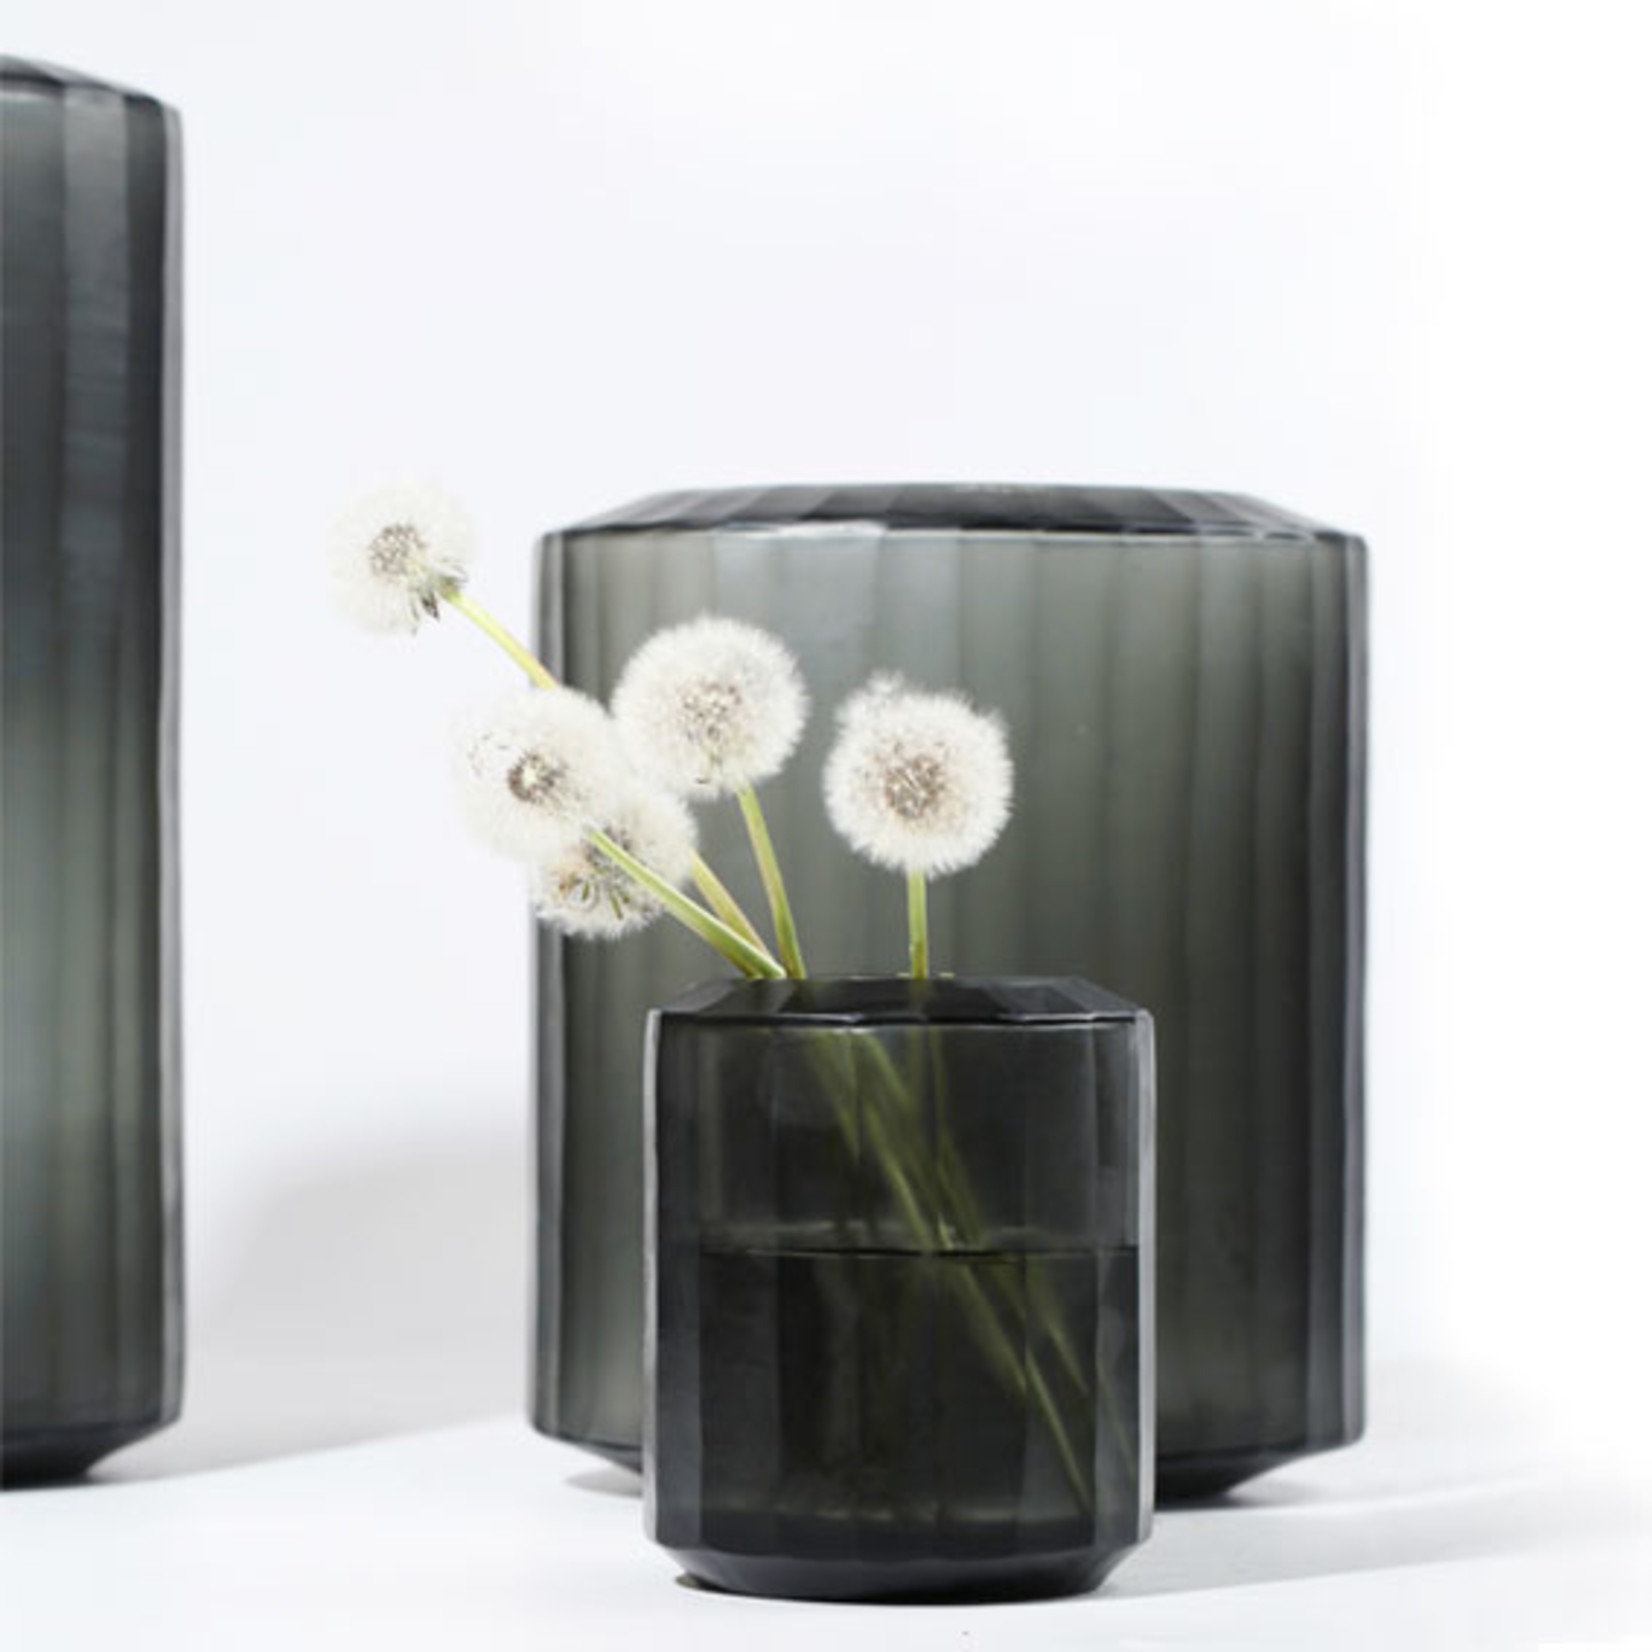 Guaxs Vase Omar M | Indigo / Smoke Gray